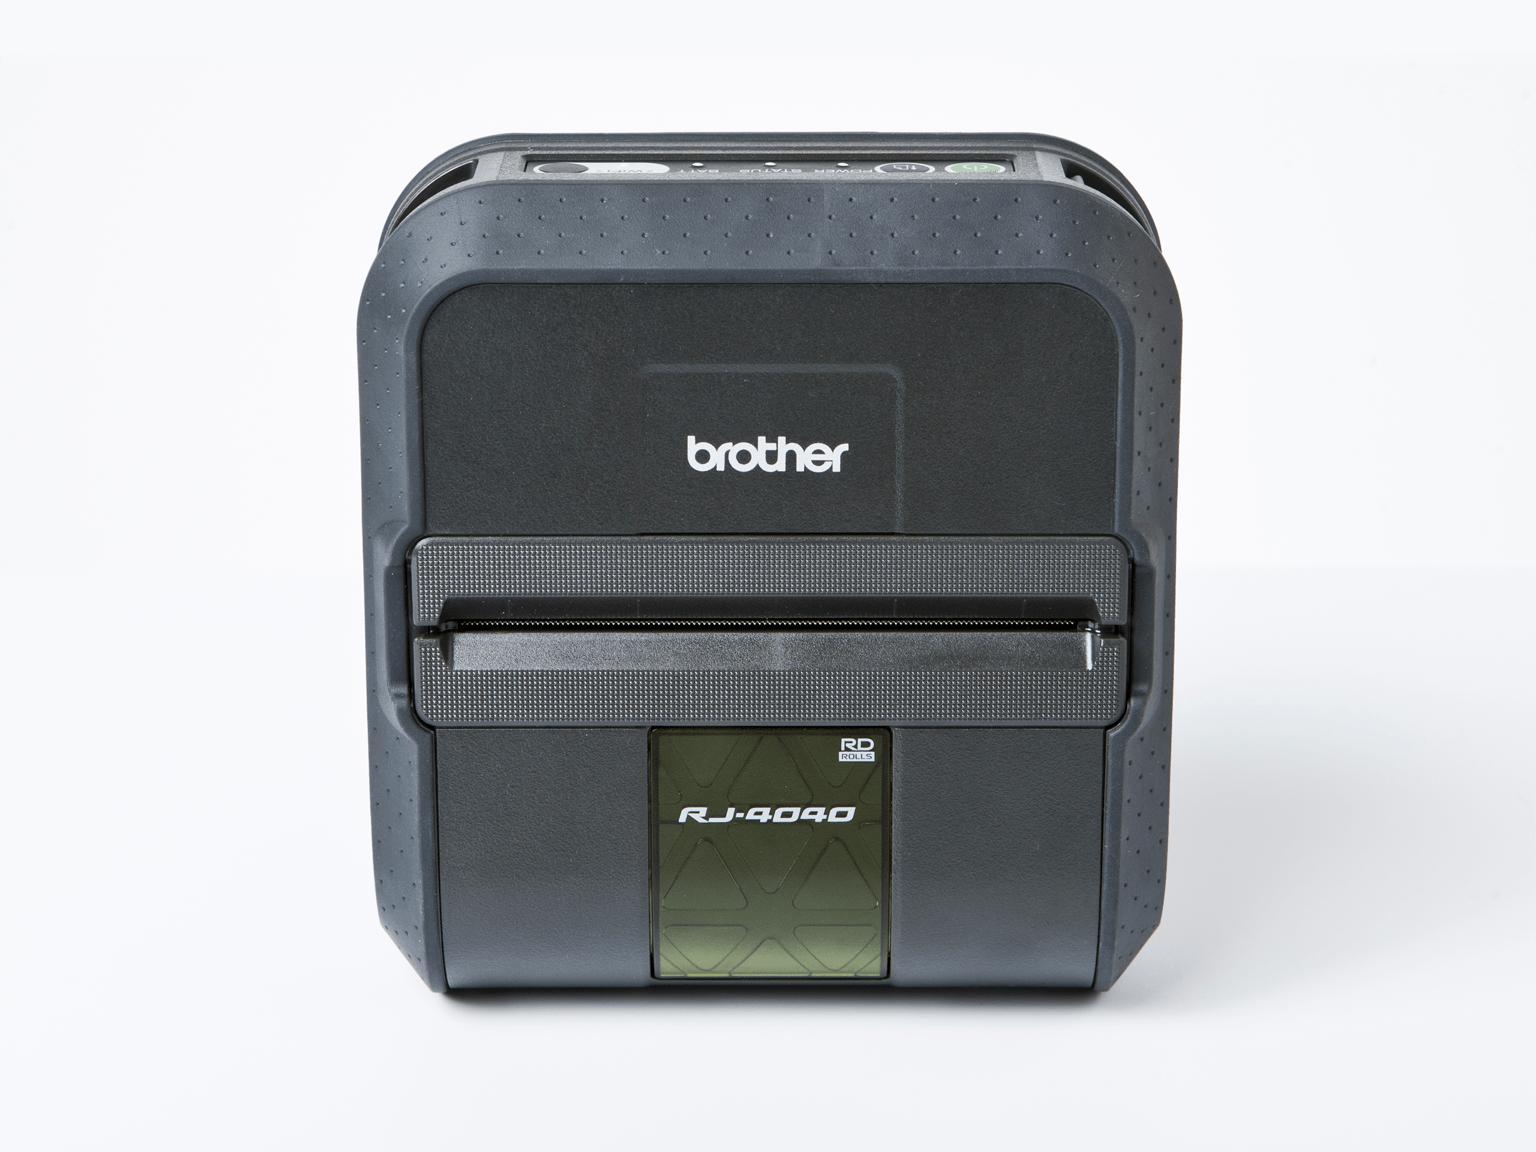 Stampante portatile con WiFI Brother RJ-4040